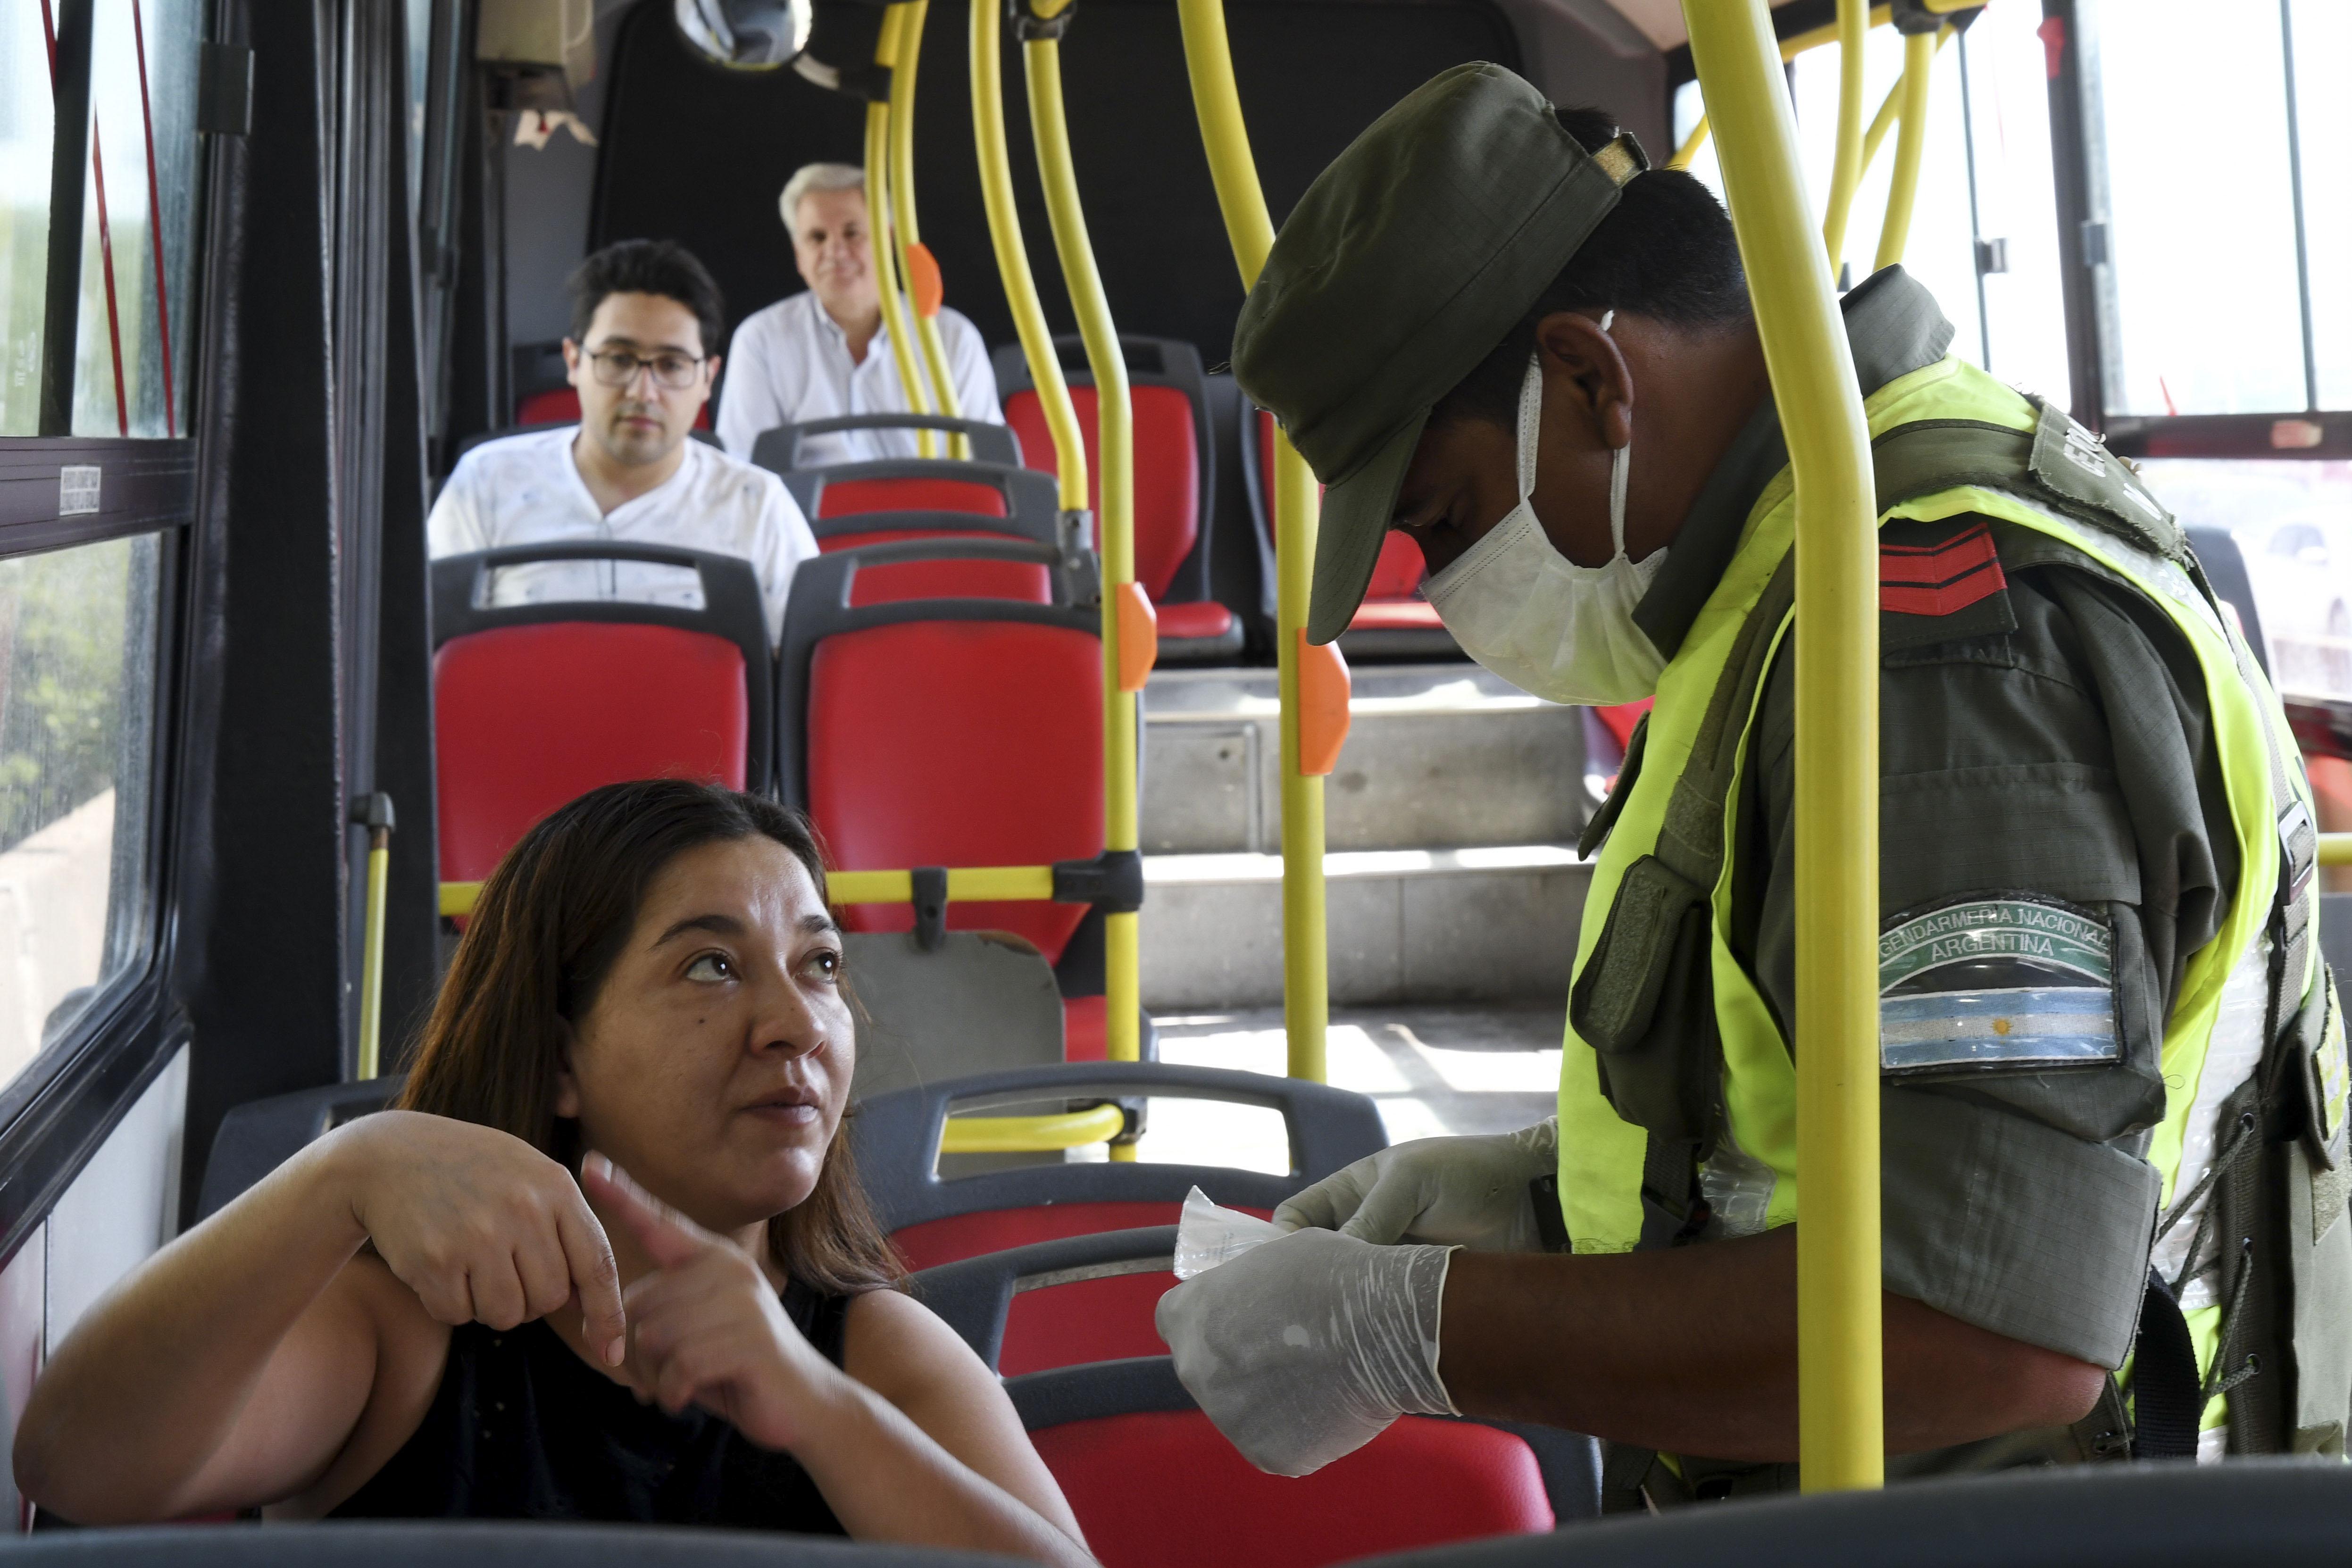 El transporte público es un foco de contagio problemático (Télam)